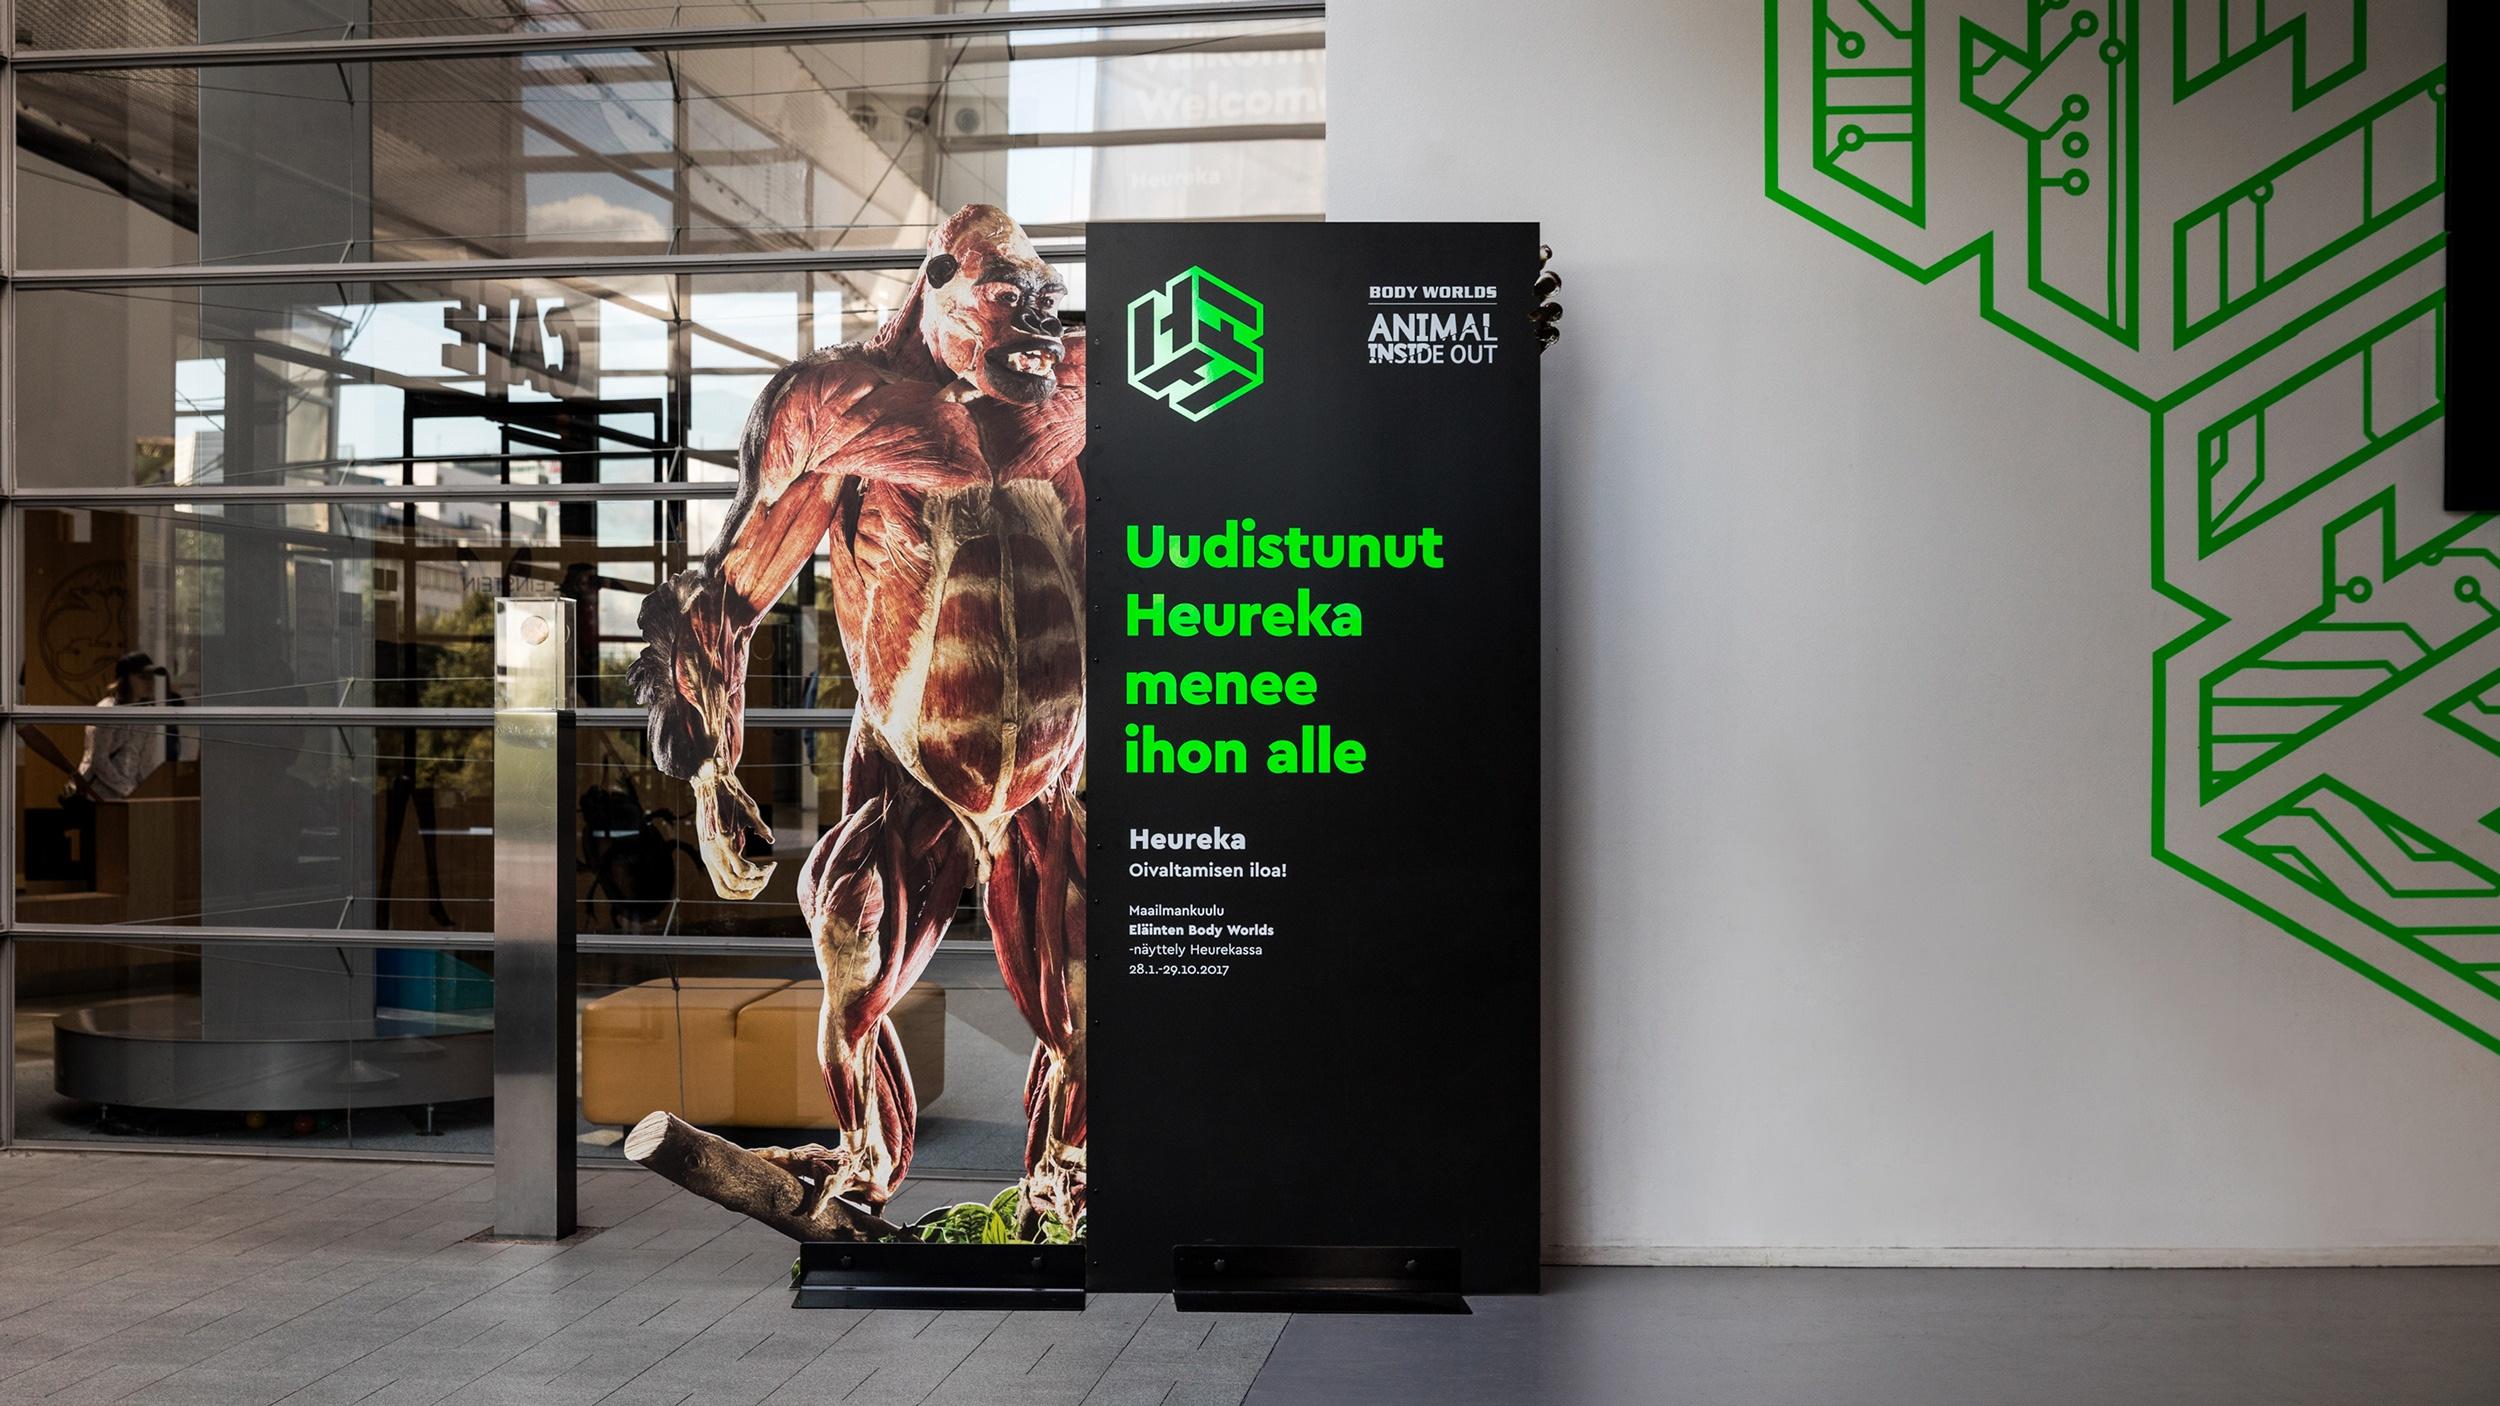 Brändistrategia toimi hyvin Heurekan esillepaneman Eläinten Body Worlds -näyttelyn kanssa.